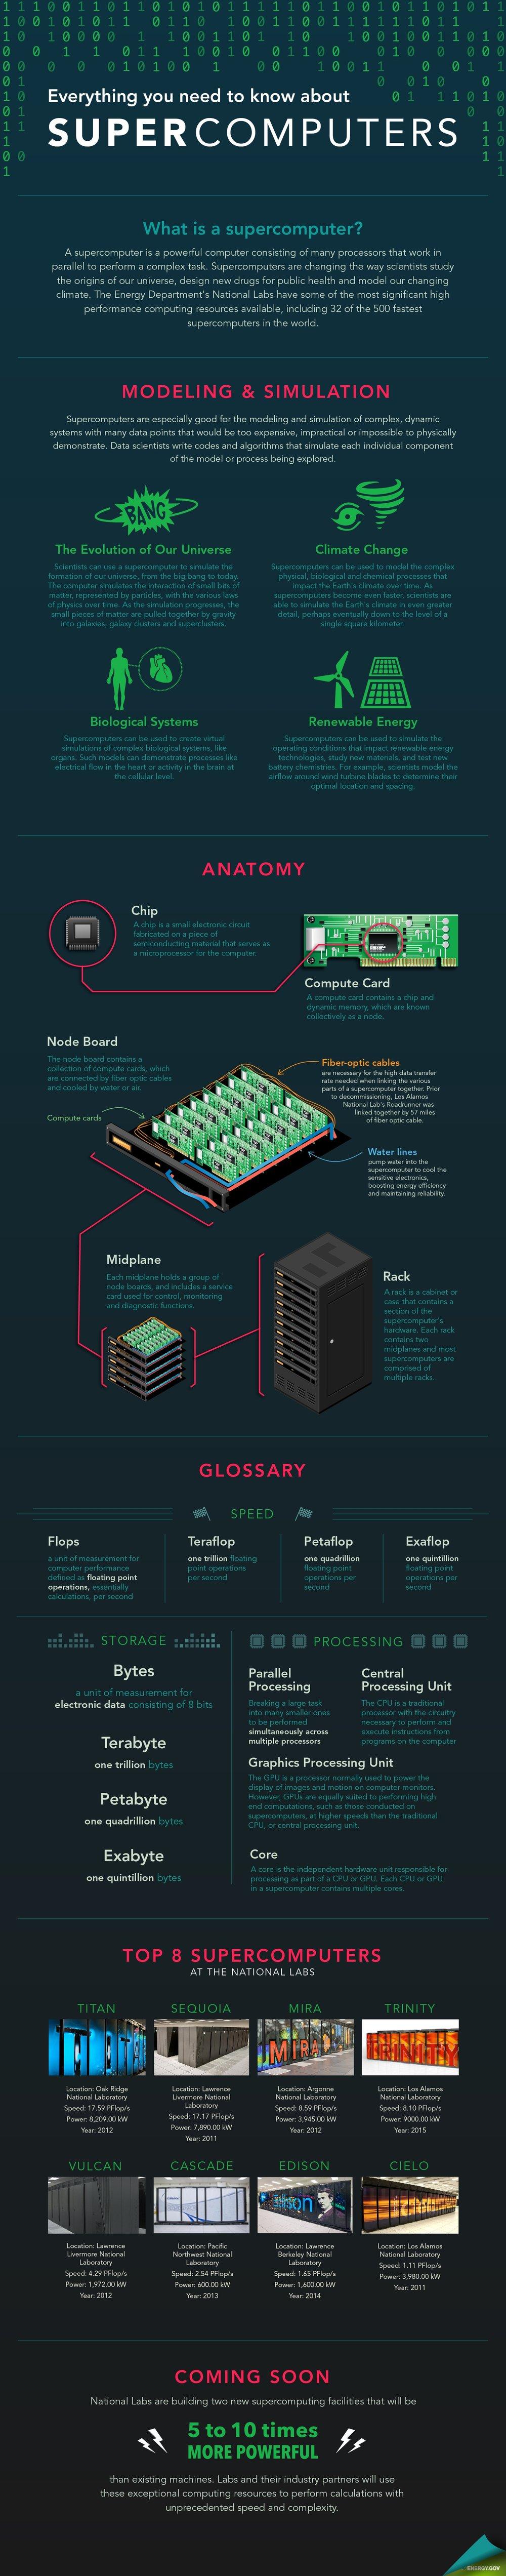 supercomputers-update-010516.jpg.jpg